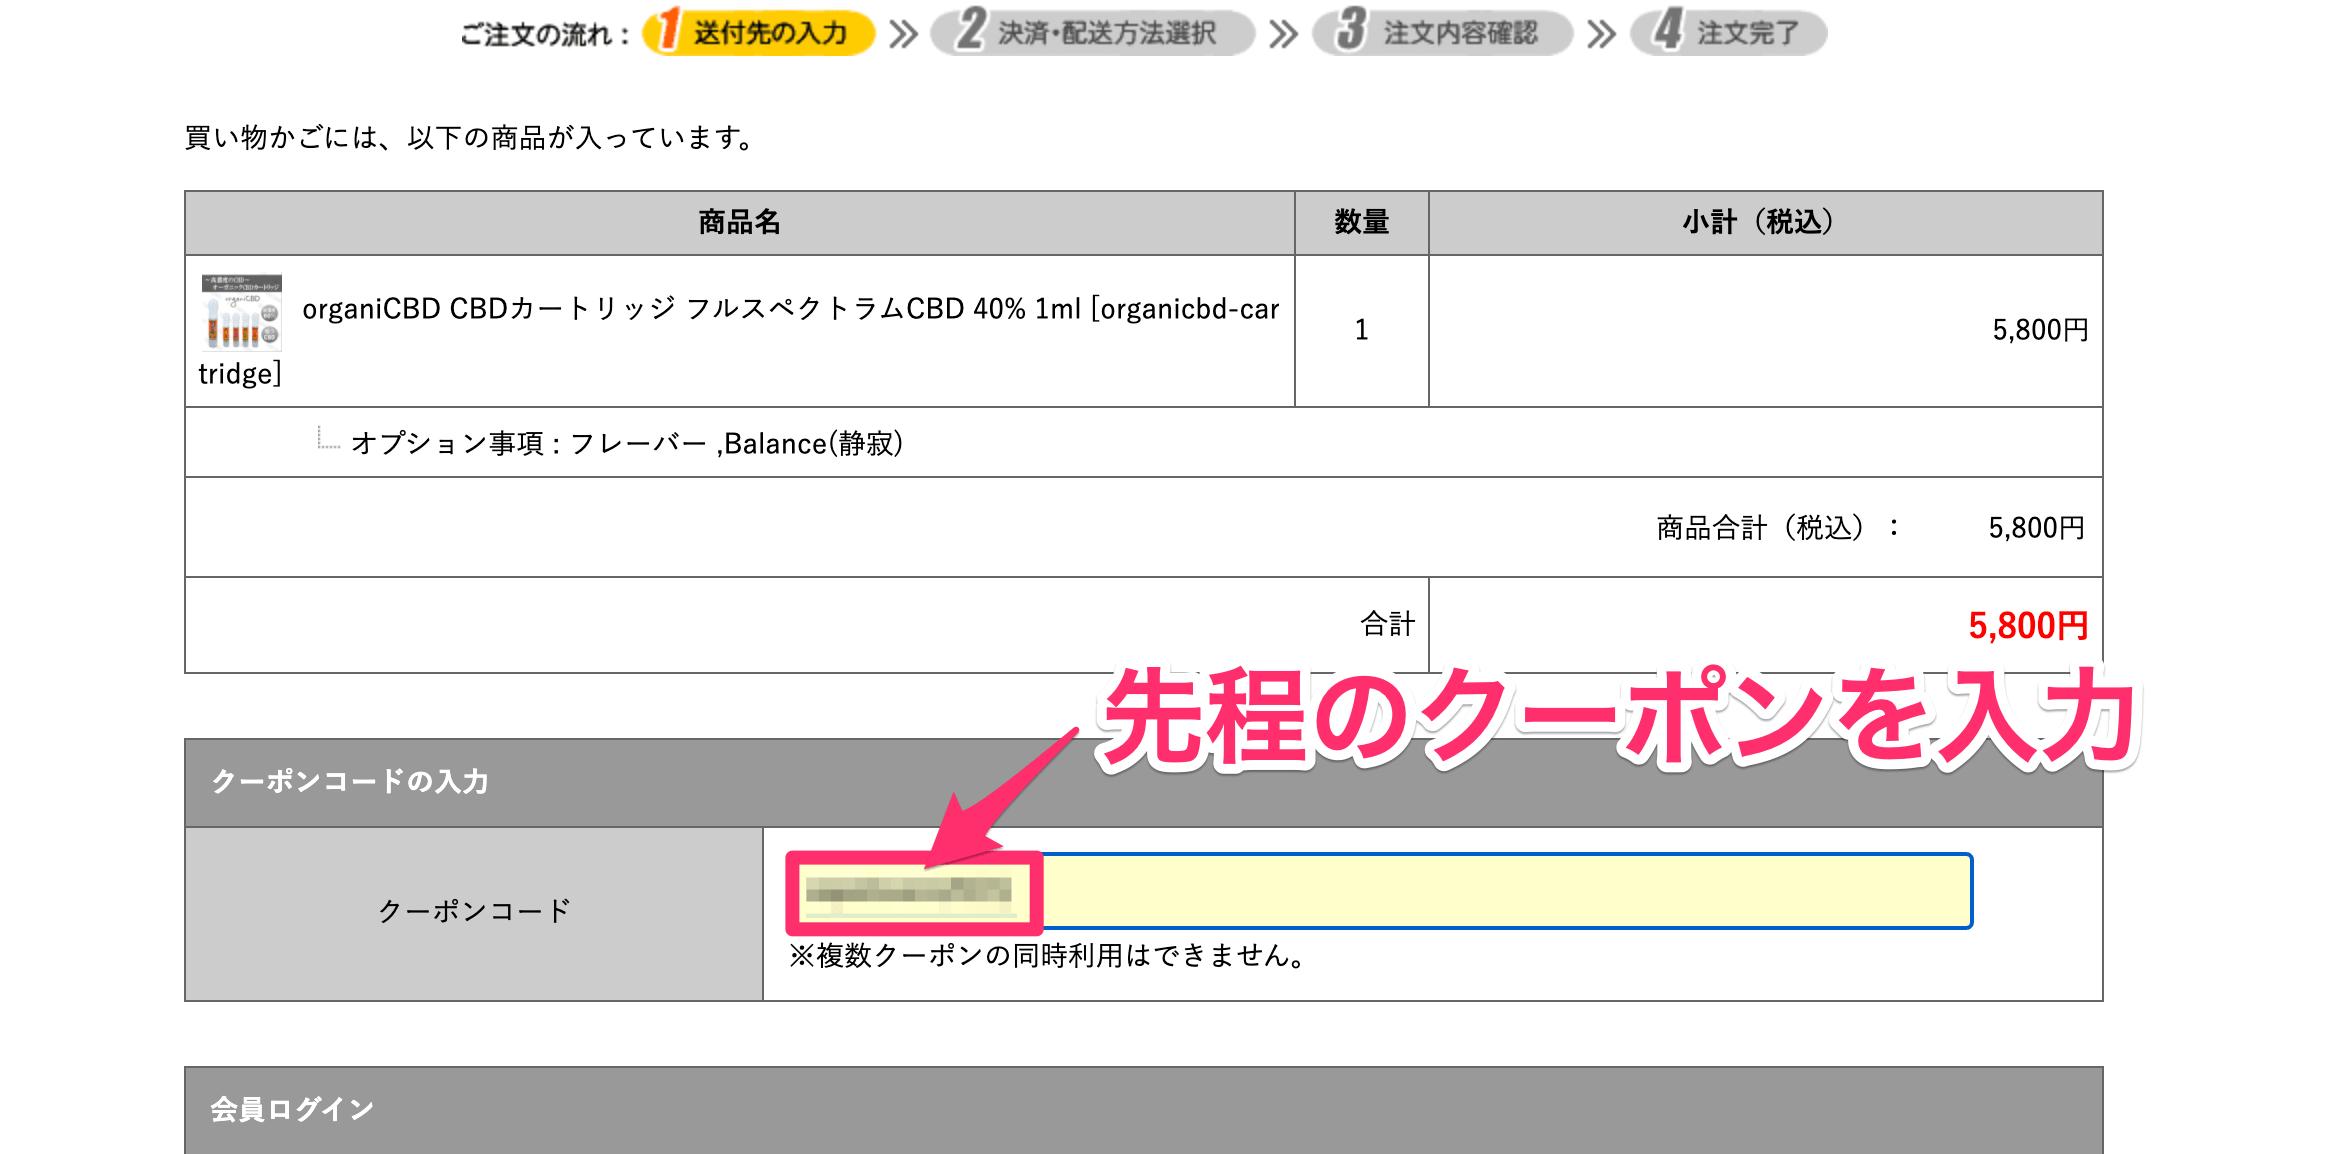 取得したクーポンコードの入力画面